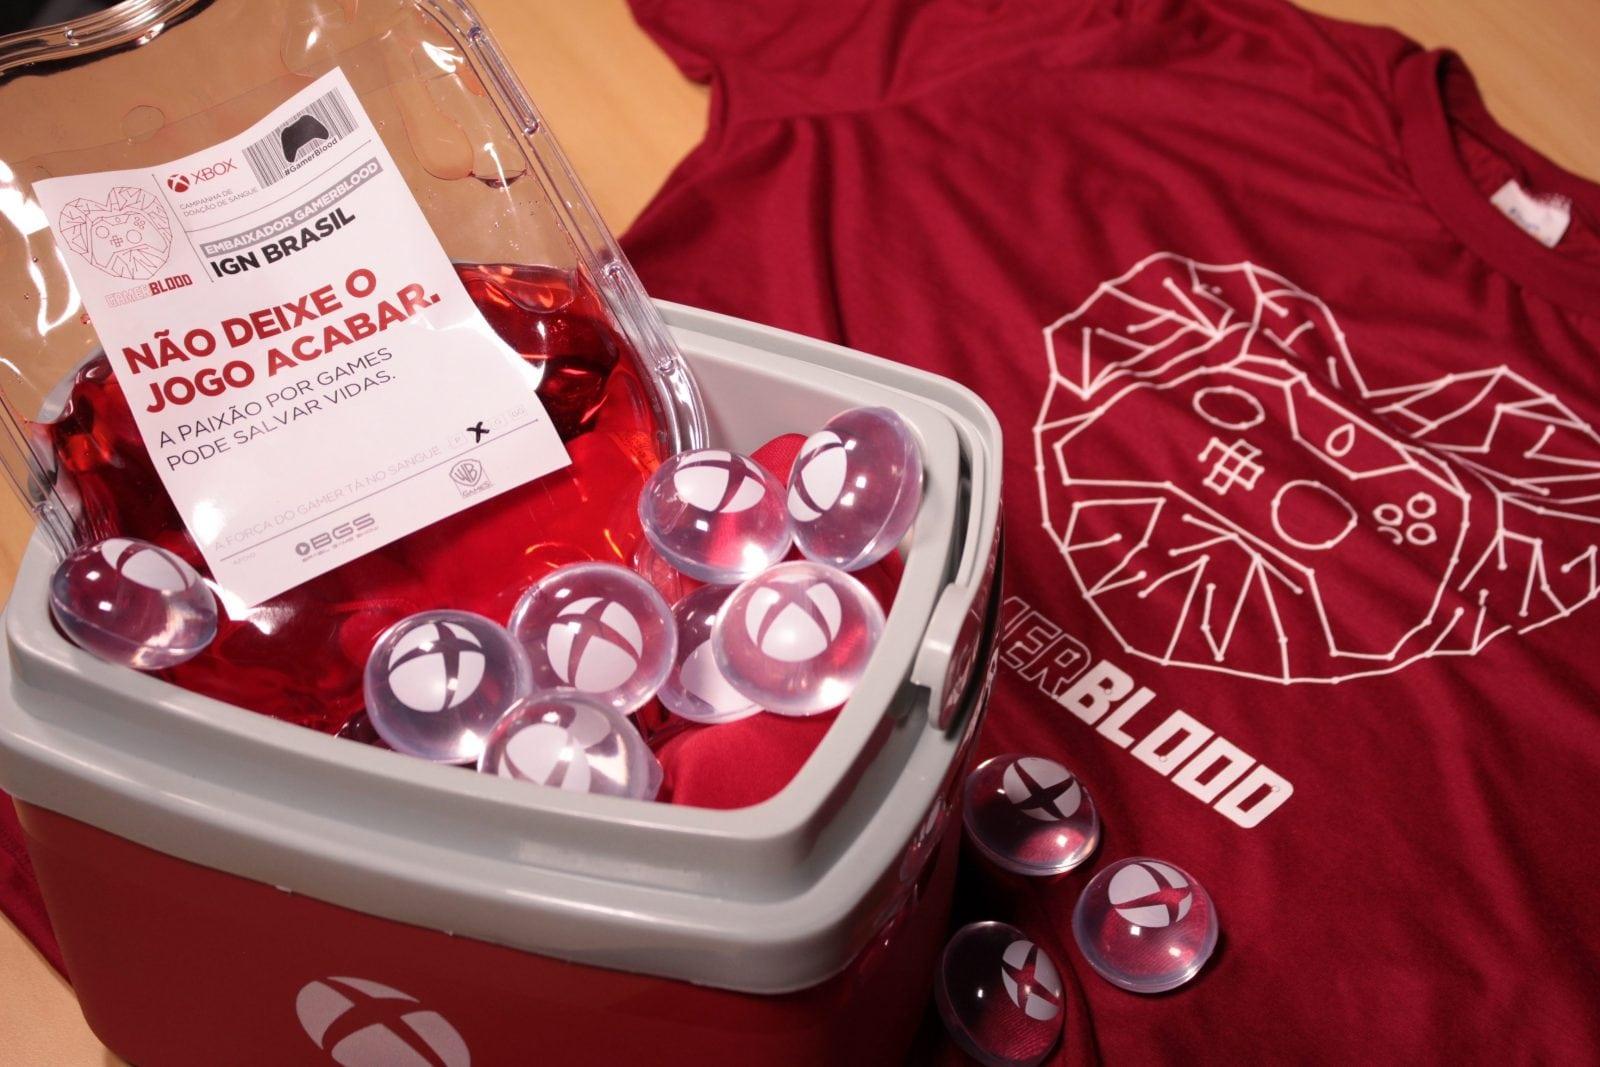 Não deixe este jogo acabar, doe sangue! Microsoft inicia campanha para incentivar a doação de sangue